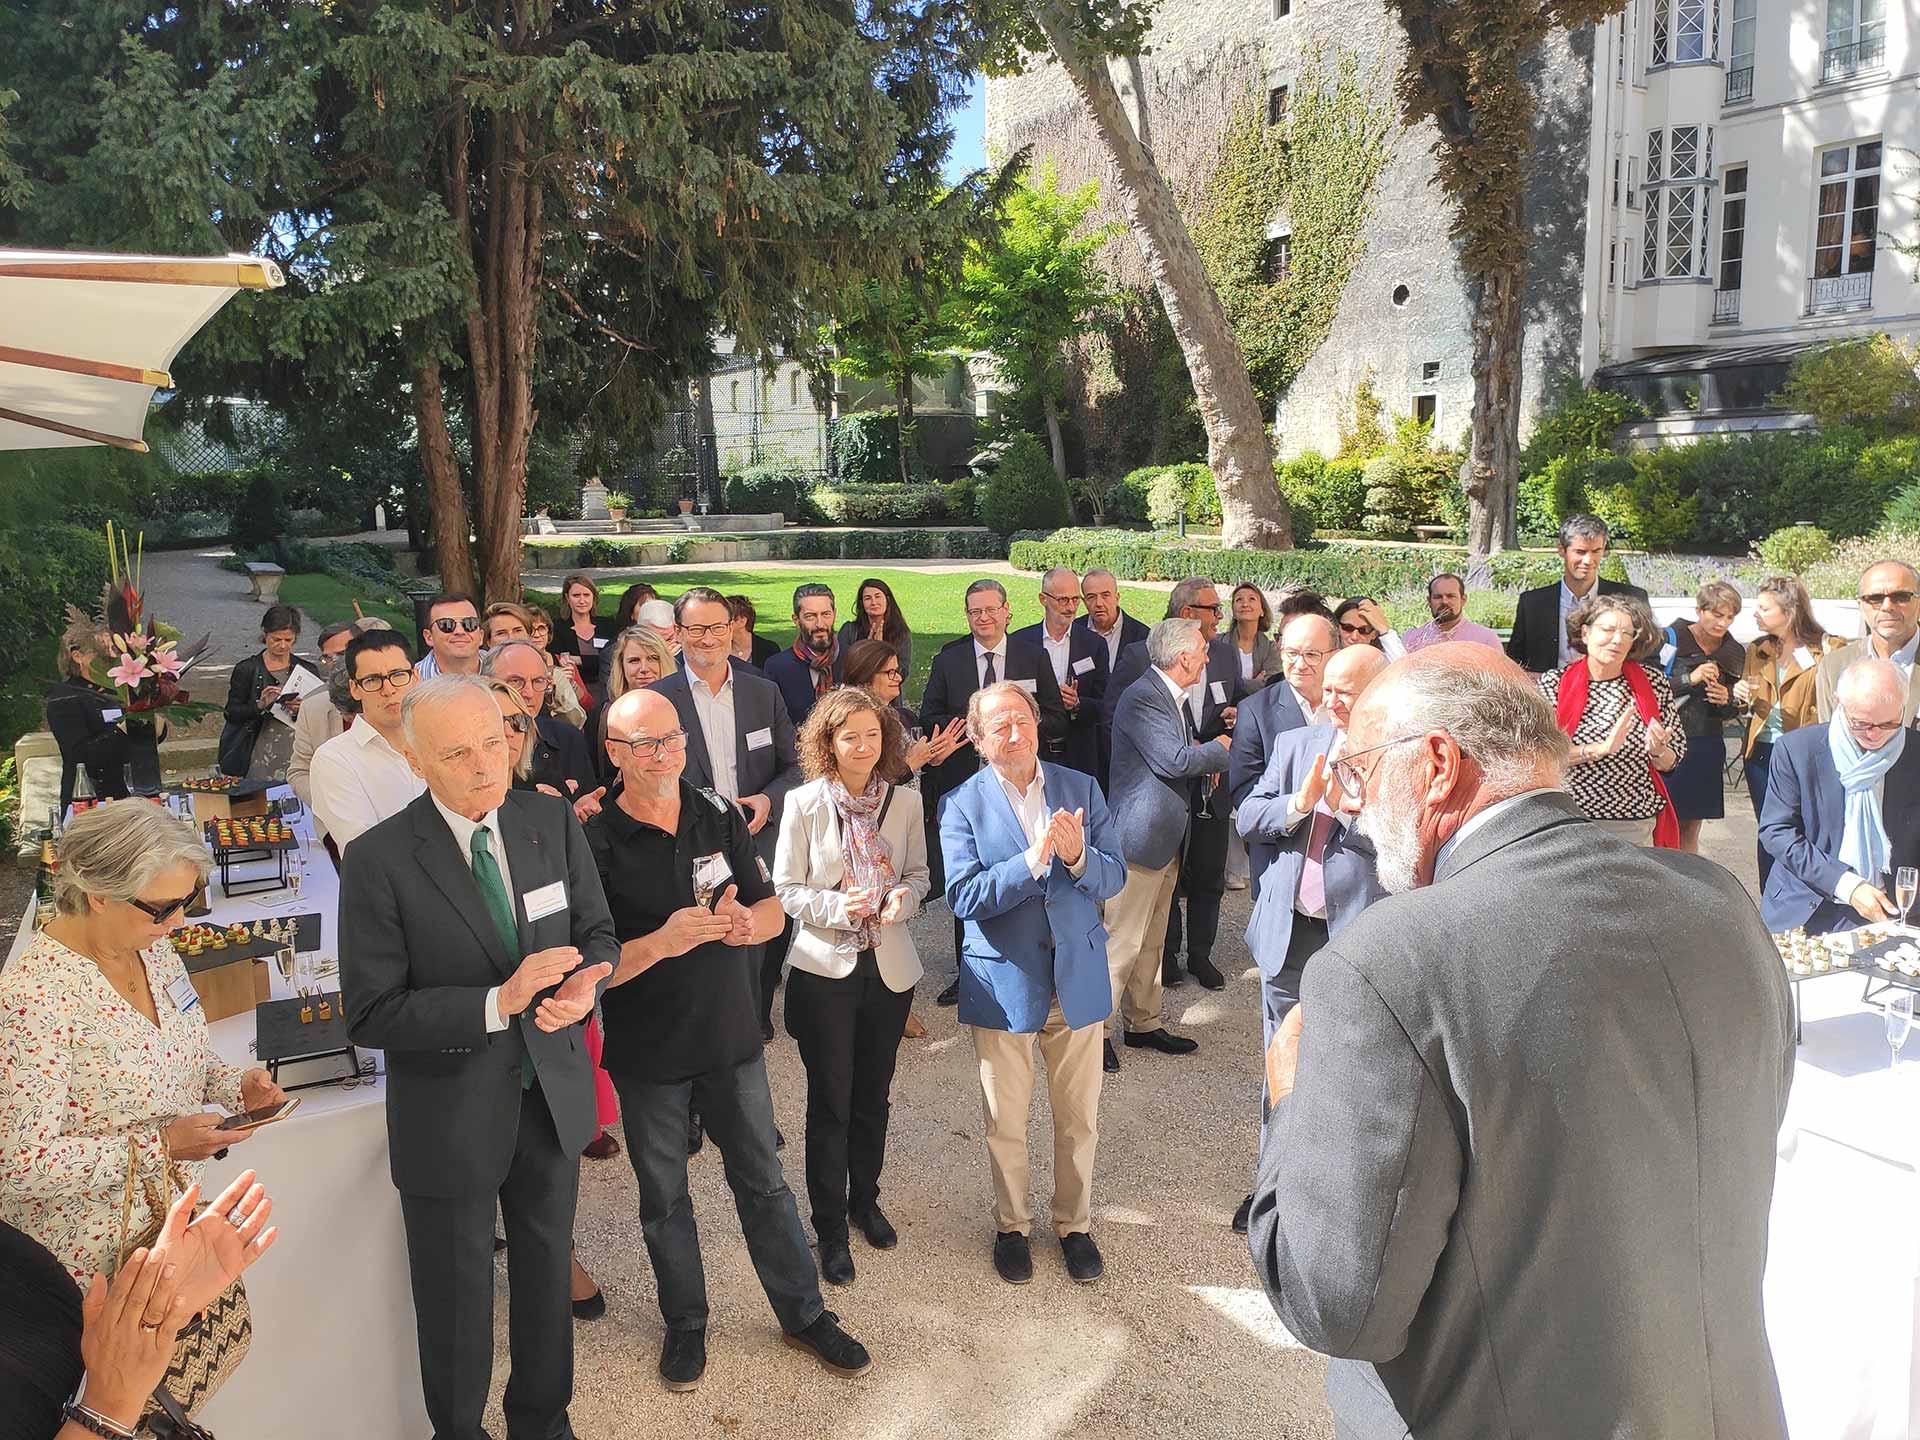 Conférence du SPMS sur les enjeux et perspectives de la presse spécialisée dans le cadre de la nouvelle loi sur la distribution de la presse, et interview de Daniel PANETTO, Président de Culture Presse